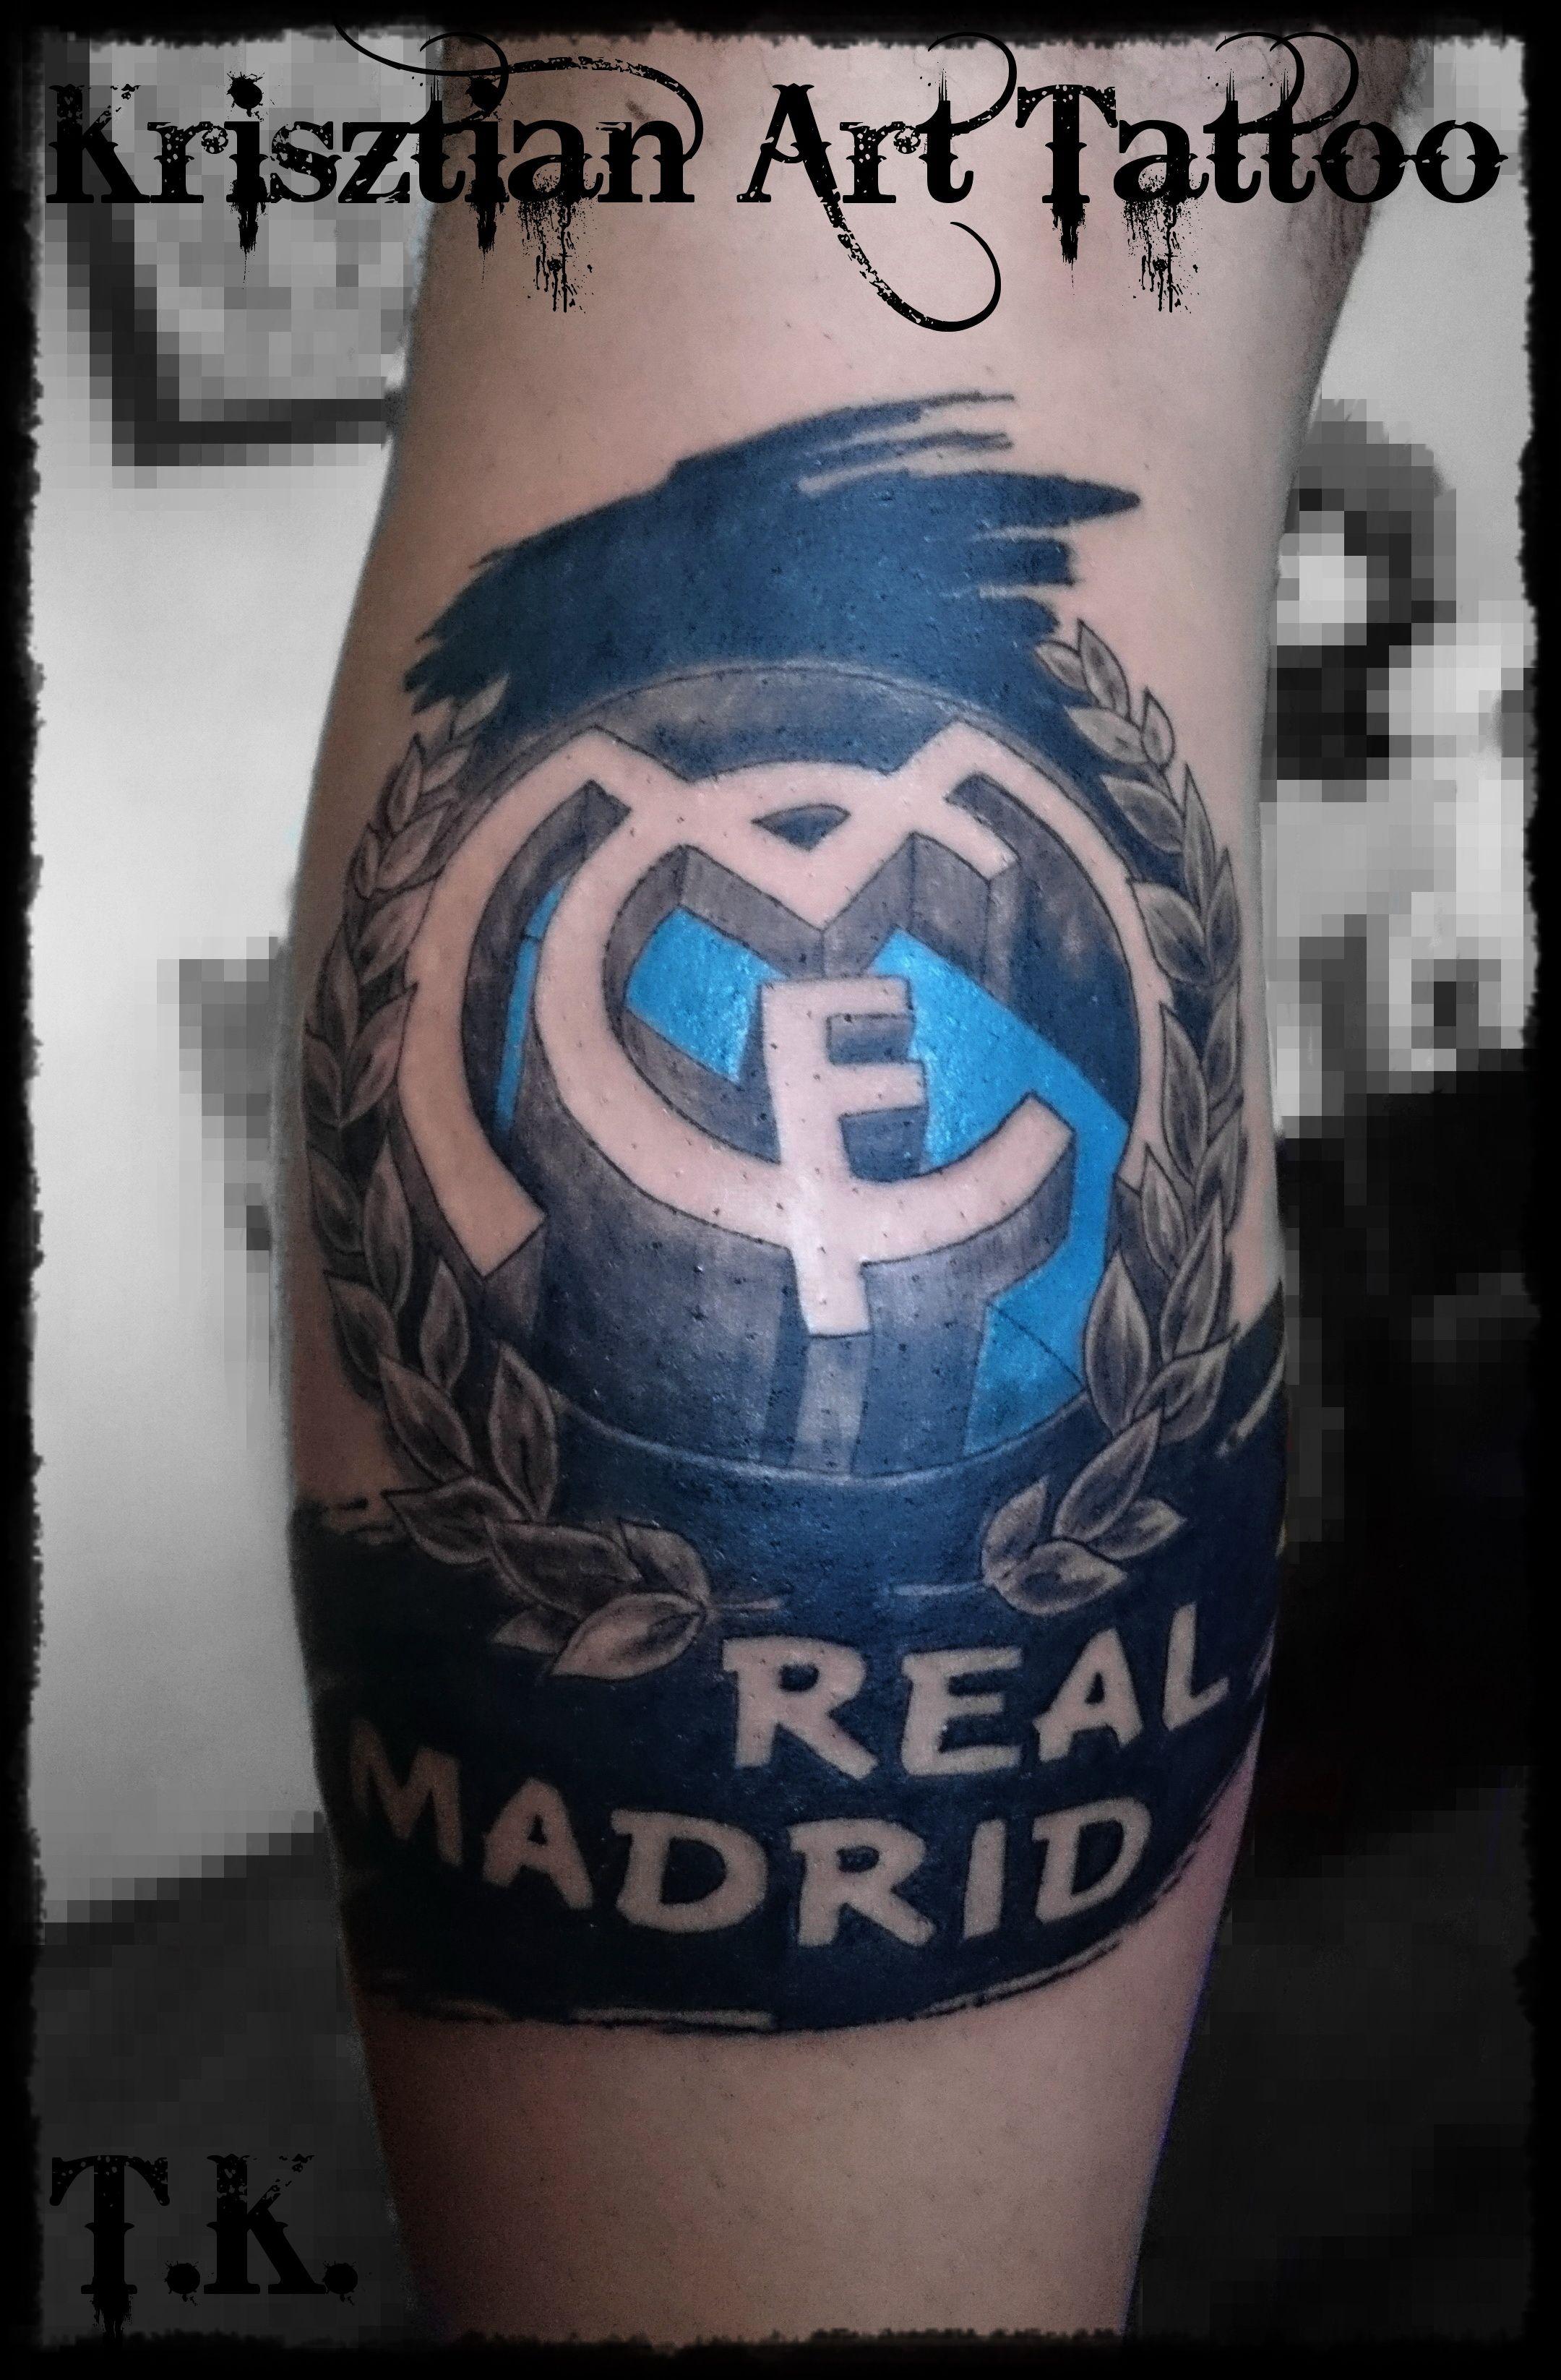 Krisztian art tattoo real madrid tattoos pinterest for Real madrid tattoos